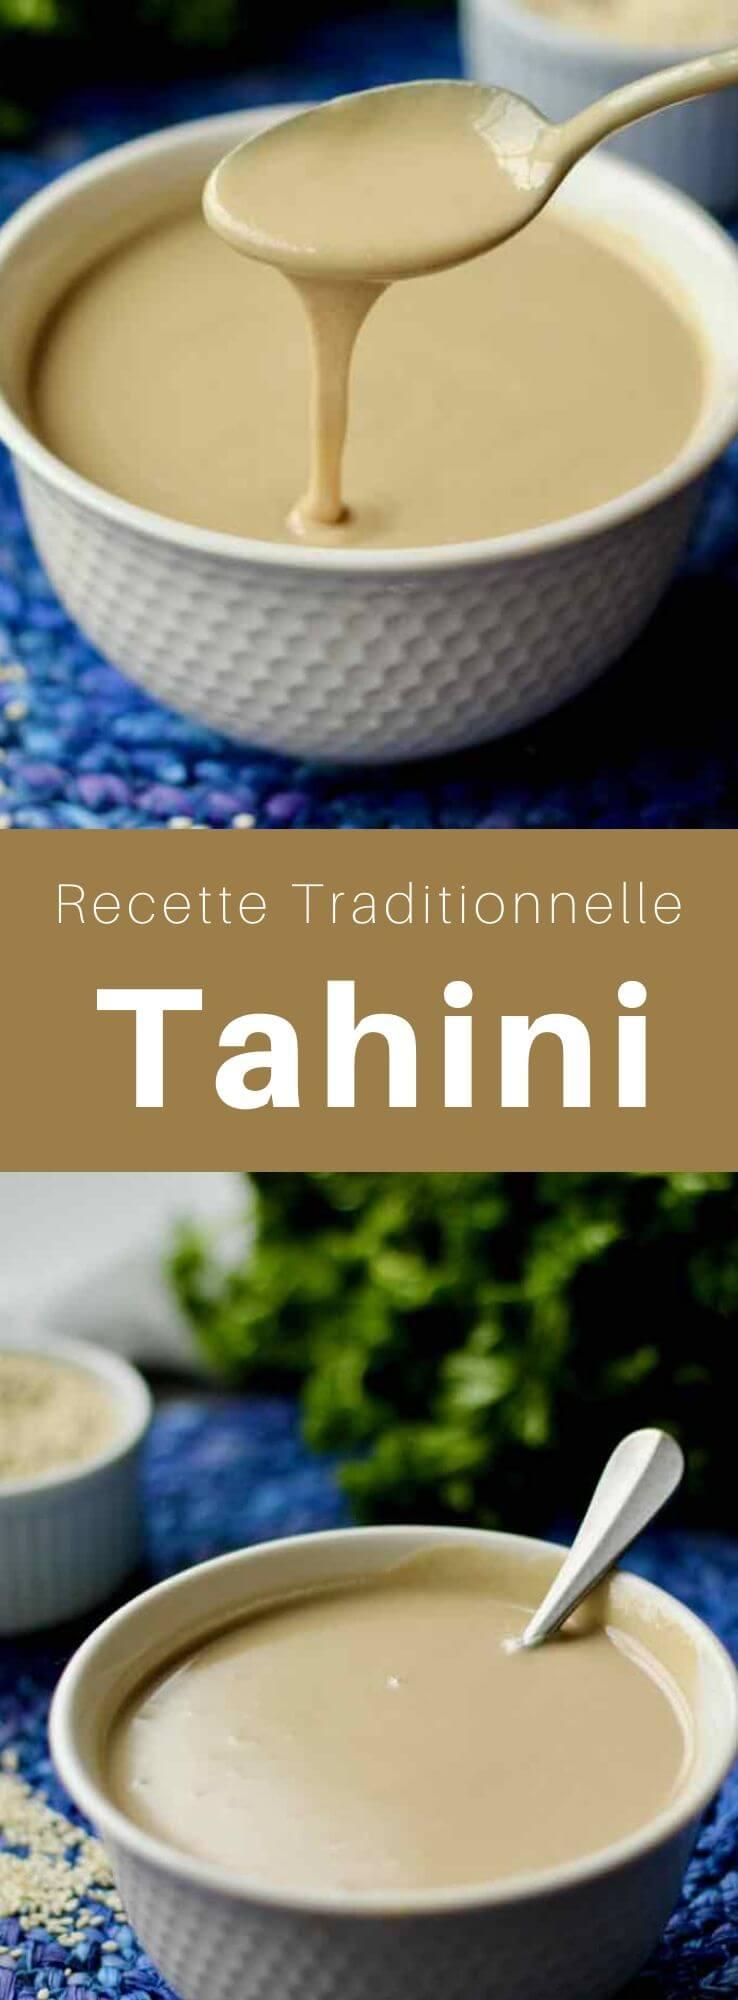 Le tahini, tahin, tahina, téhina ou tahiné (طحينة) est une crème de graines de sésame broyées utilisée dans les cuisines du Levant et de la Méditerranée orientale, du Caucase du Sud, et dans certaines parties de l'Afrique du Nord. #Levant #CuisineLevantine #RecetteLevantine #MoyenOrient #Sauce #CuisineDeMonde #196flavors